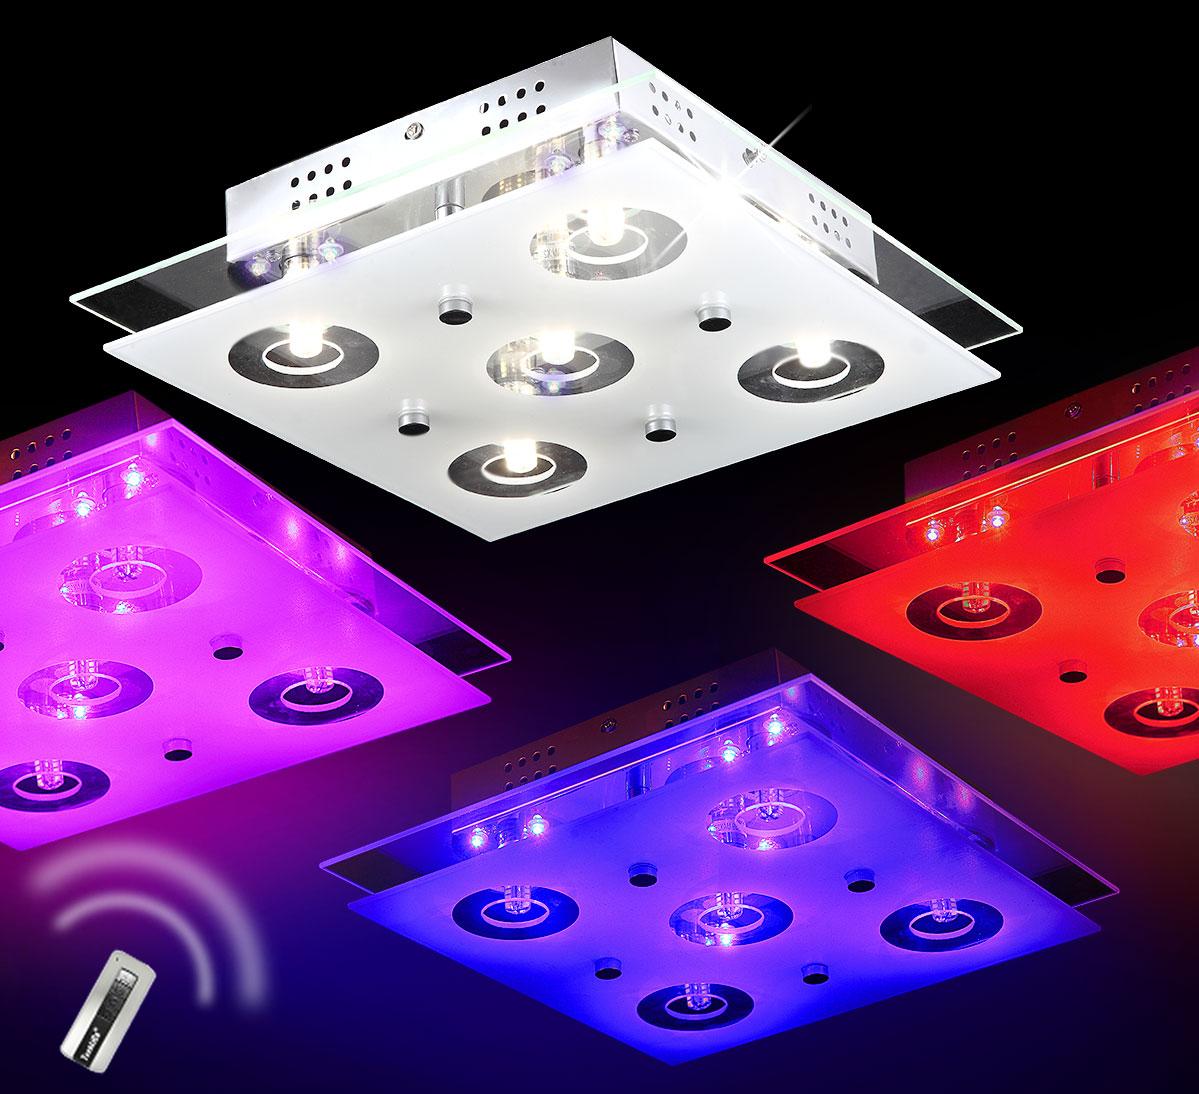 Deckenleuchten Buro Schreibwaren Led Deckenlampe Deckenleuchte Farbwechsel Lampe Fernbedienung Schlafzimmer 32 Cm